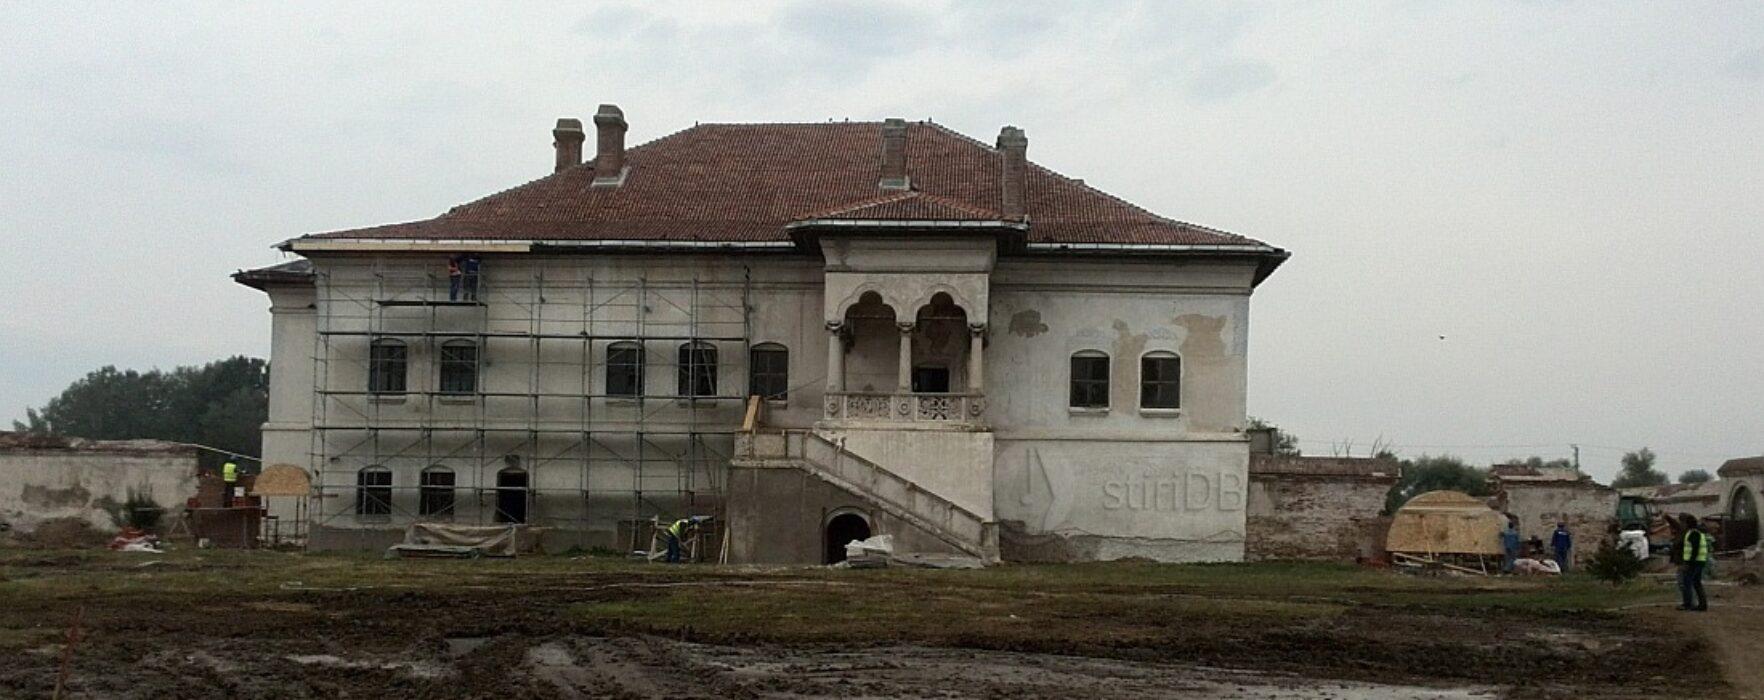 Liviu Dragnea: Palatul brâncovenesc de la Potlogi, unul dintre cele mai importante obiective turistice din ţară (foto)